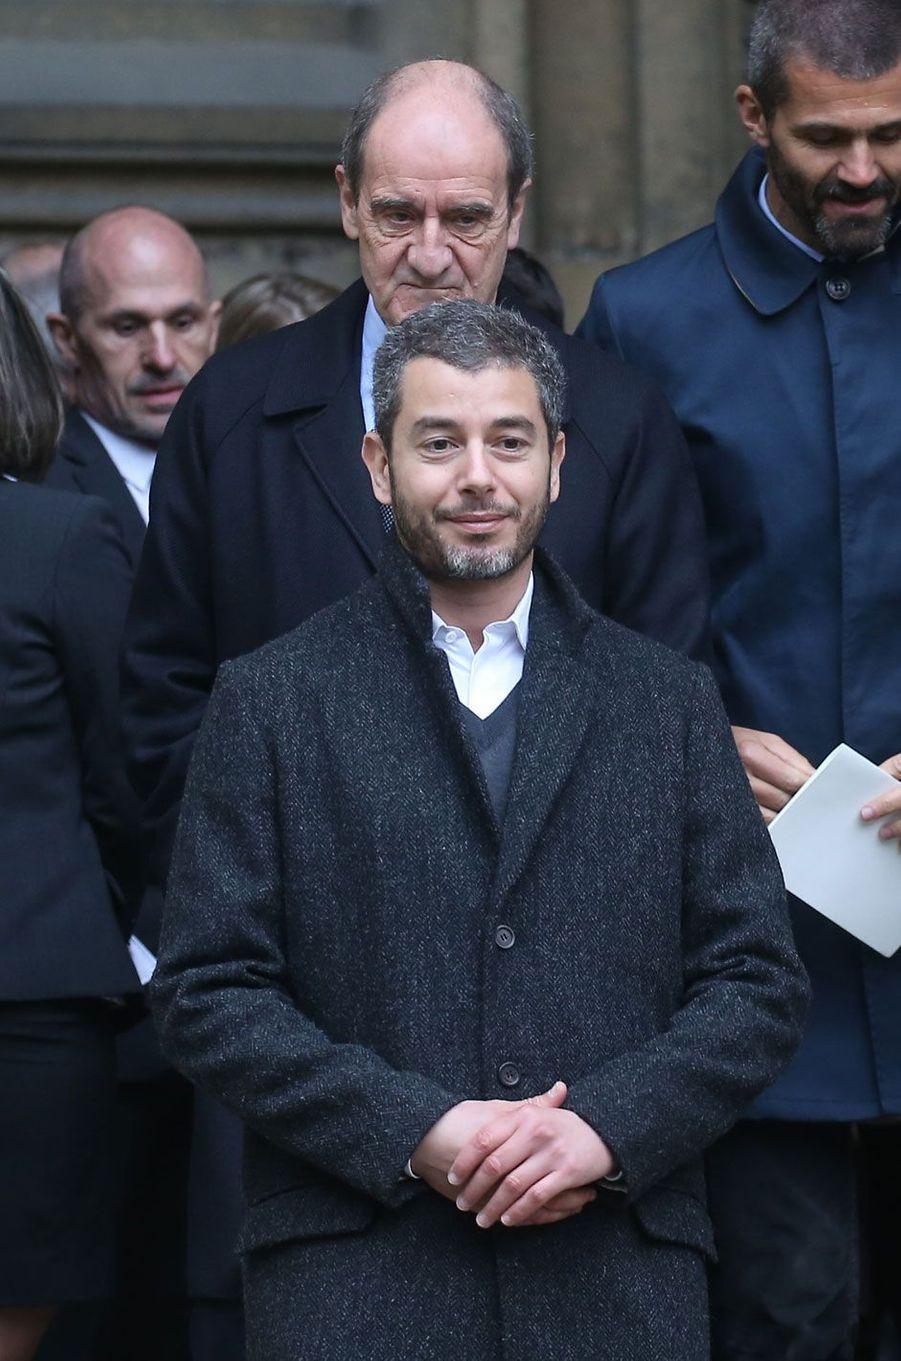 Pierre Lescure et Ali Baddou aux obsèques d'André Rousselet, juin 2016